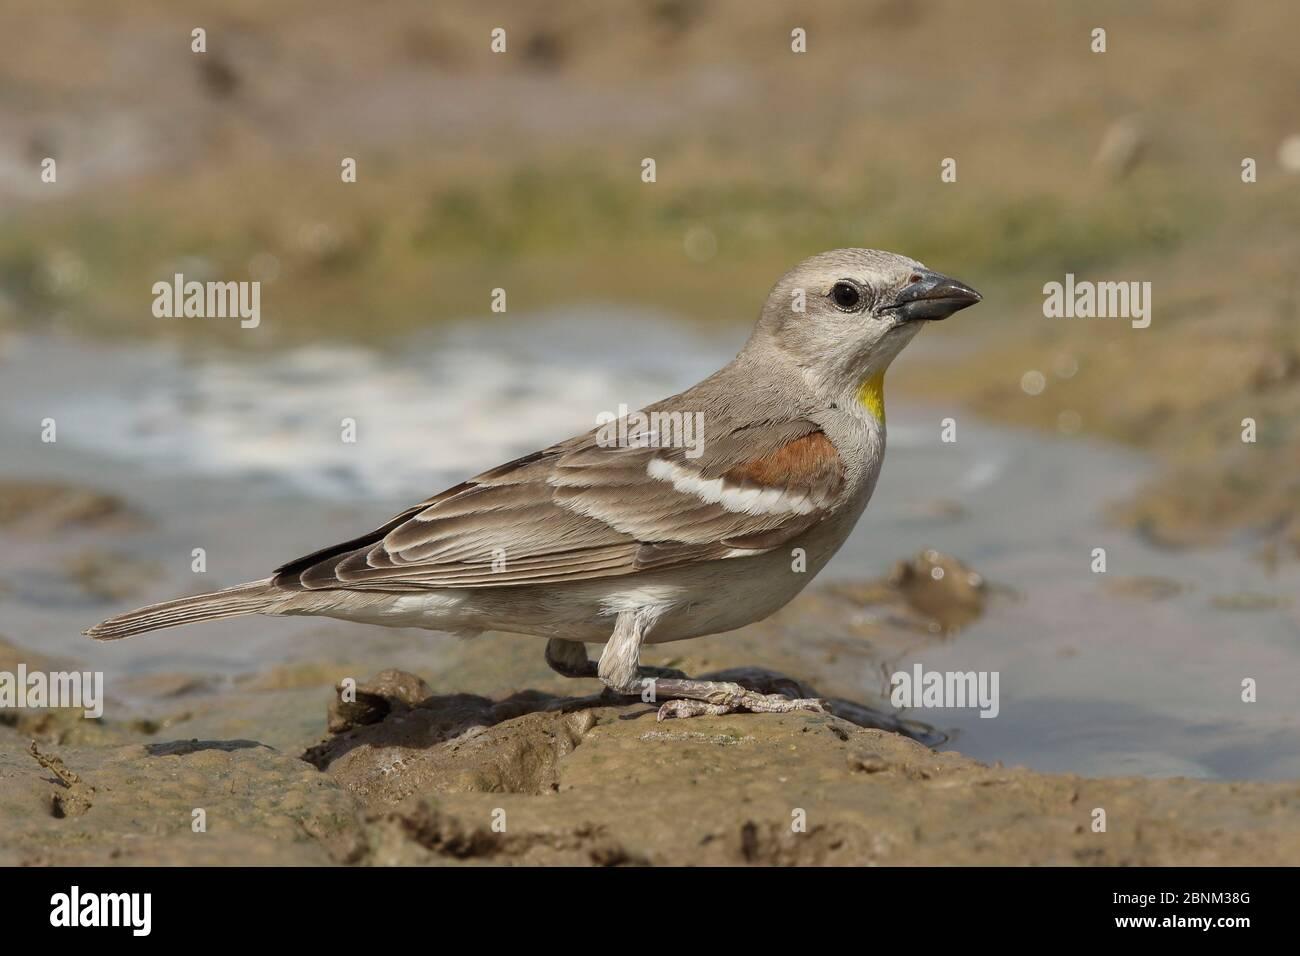 Bruant à gorge jaune (Gymnoris xanthocollis) mâle dans l'eau, Oman, avril Banque D'Images